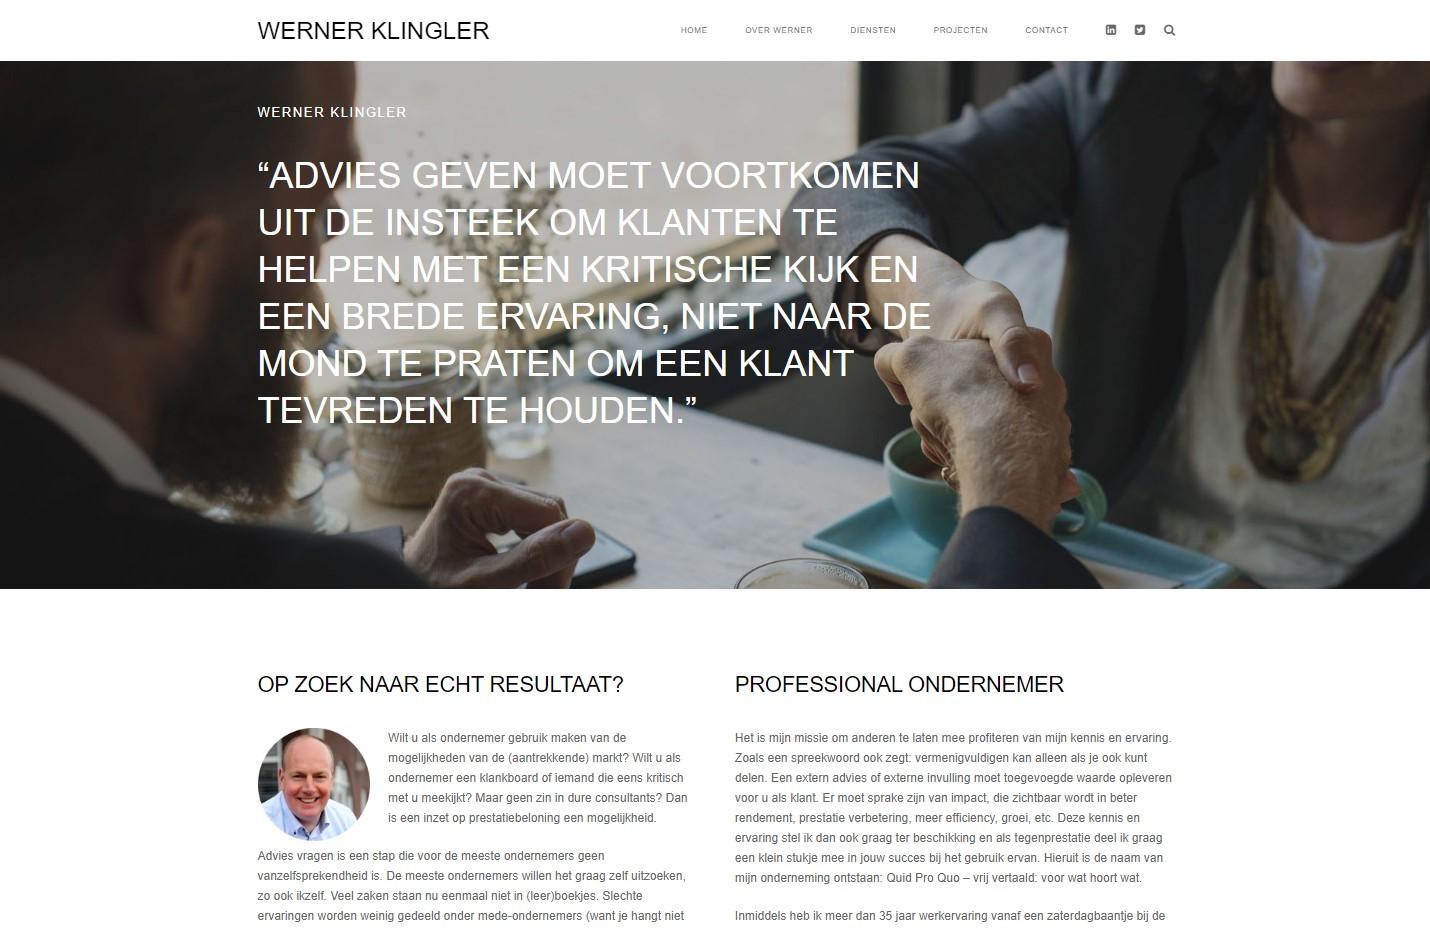 werner-klingler-website